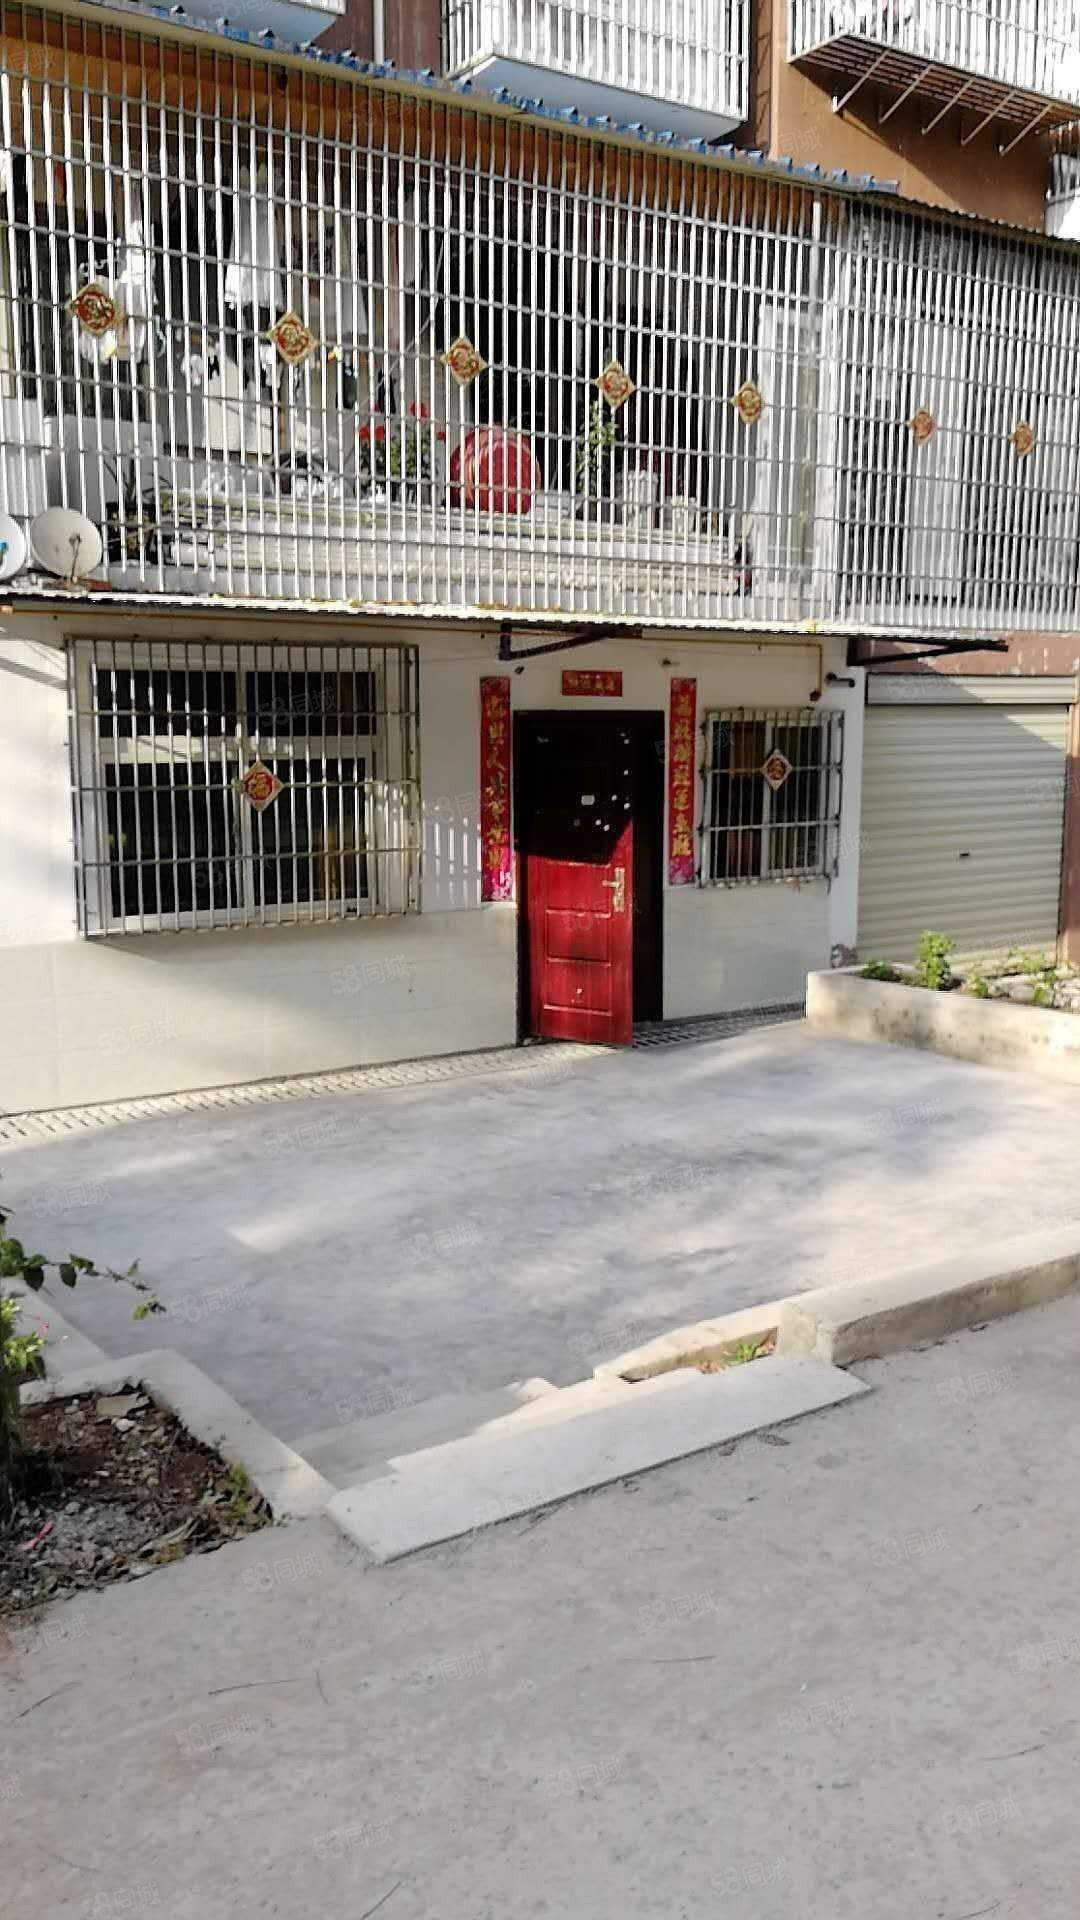 安居碧云兰溪一楼一室居家养老优选带前花园直接网签